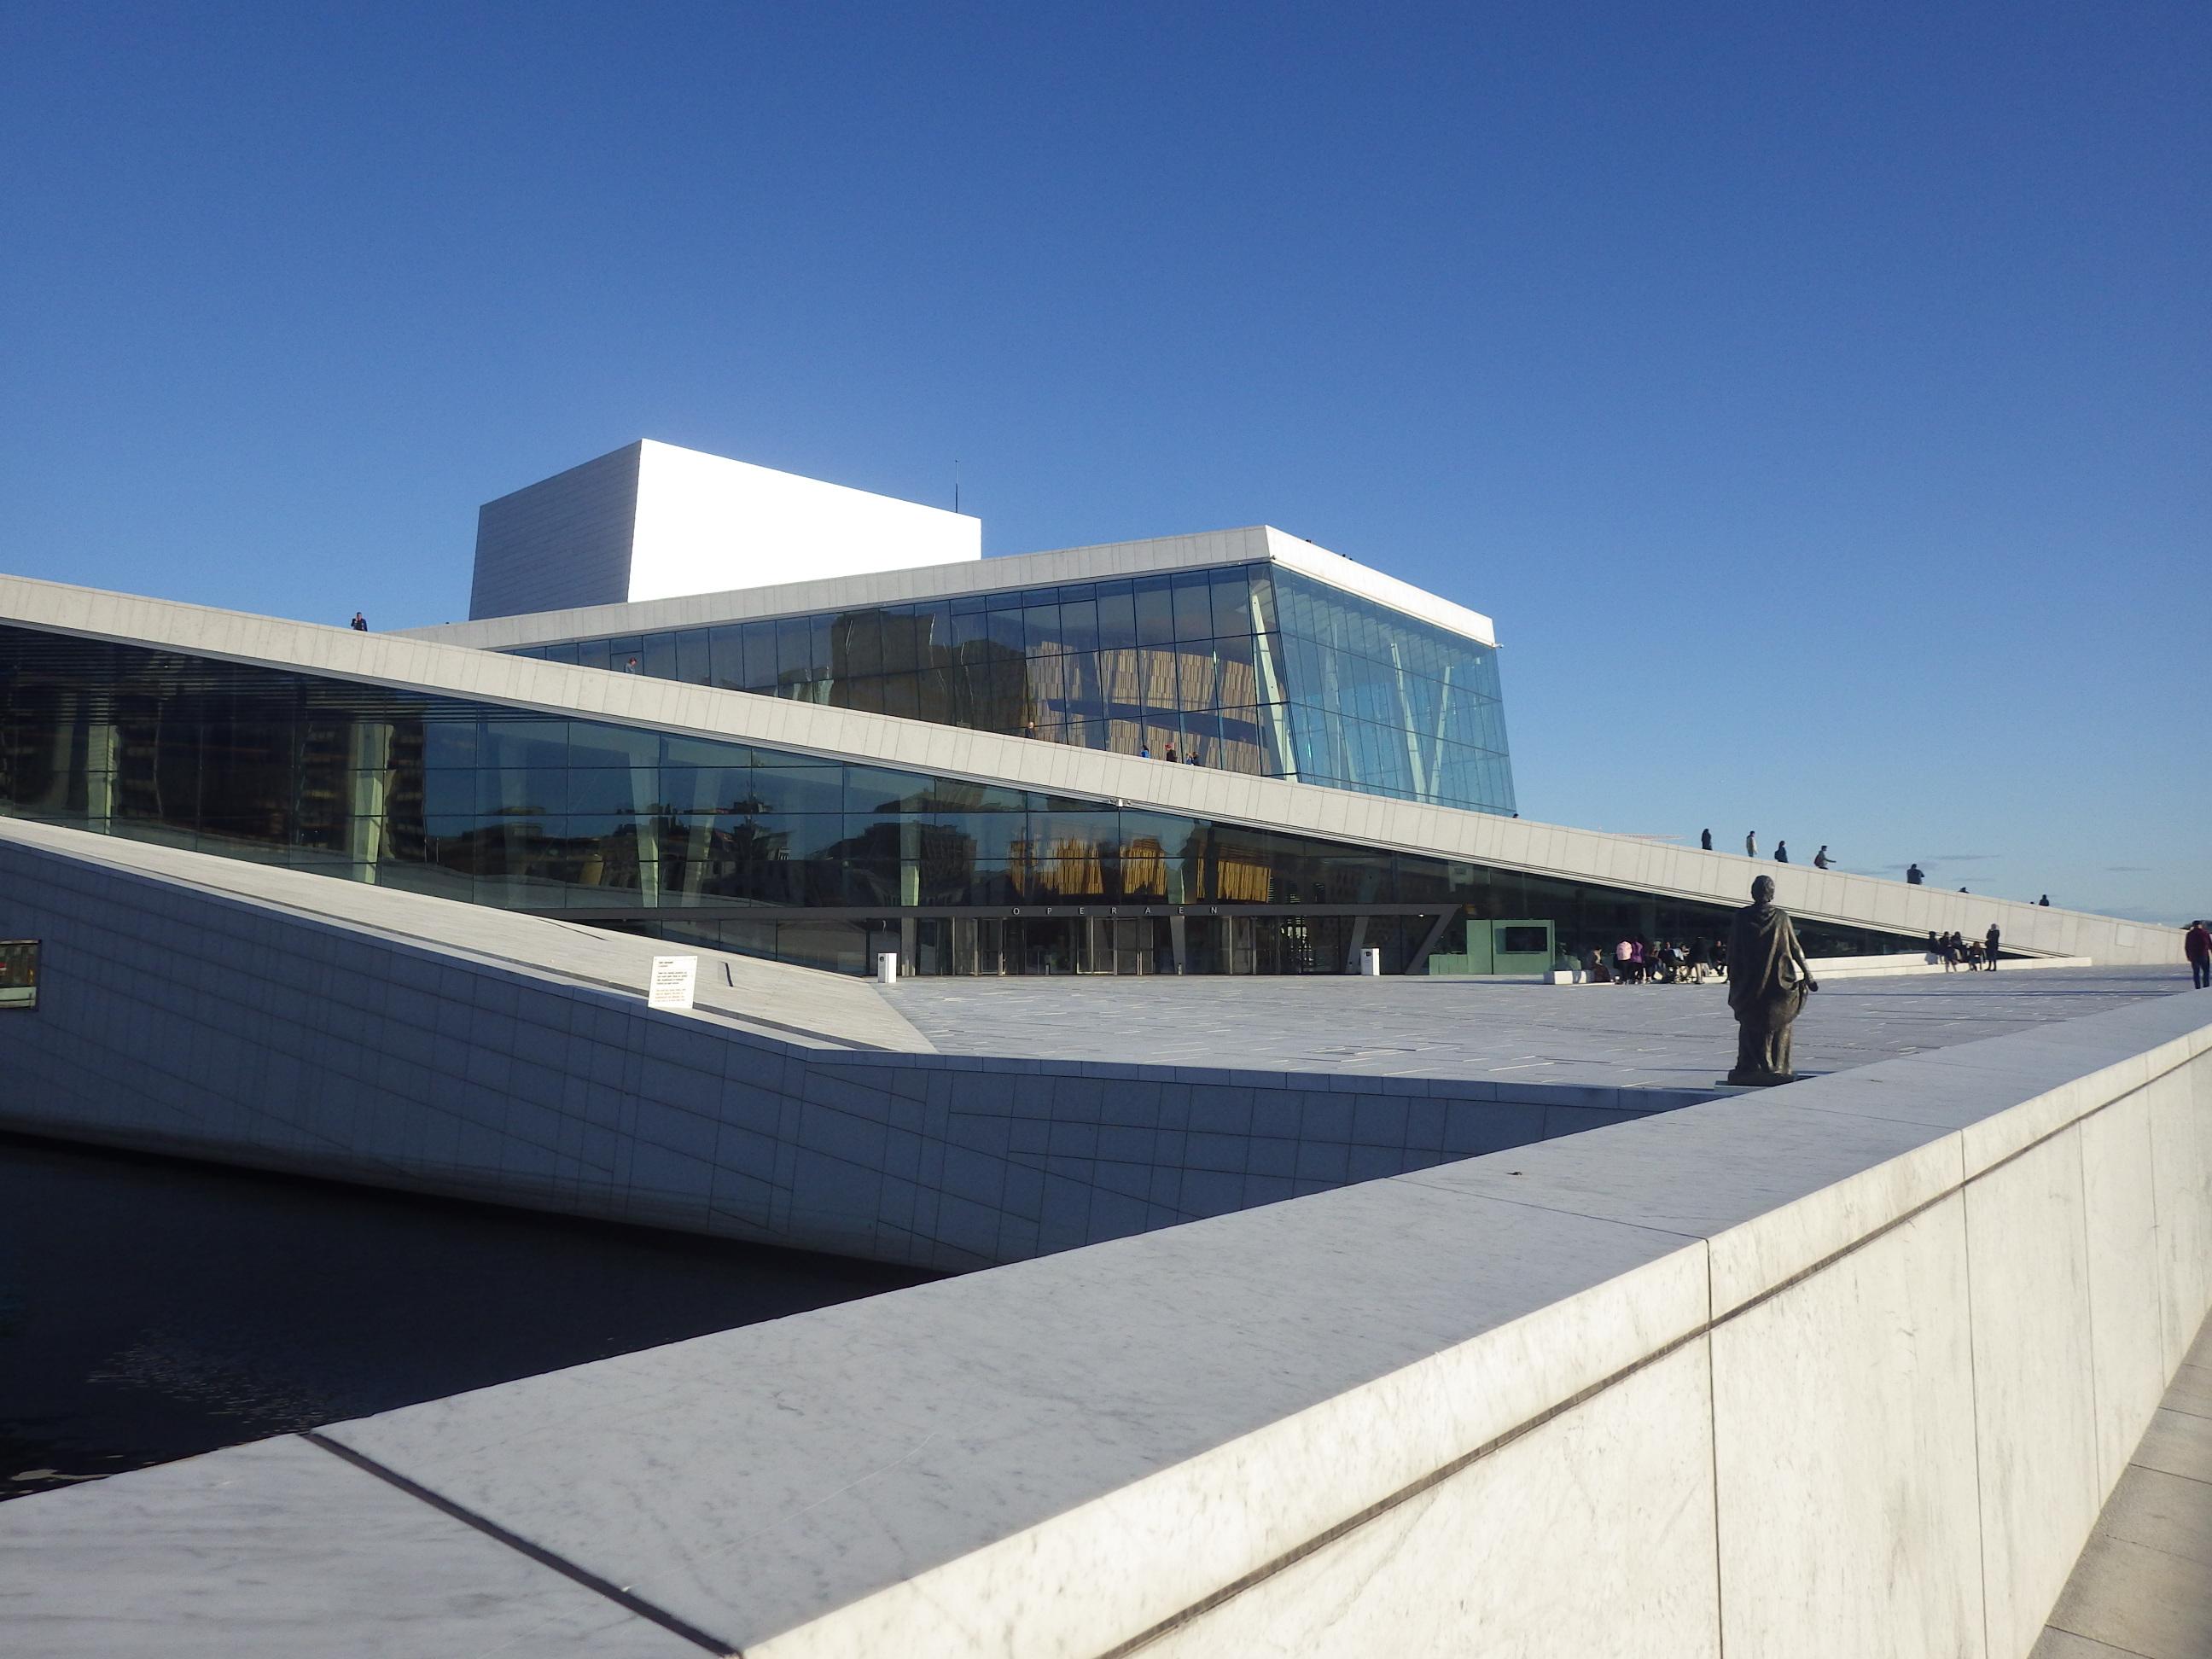 オペラハウス・オスロ2